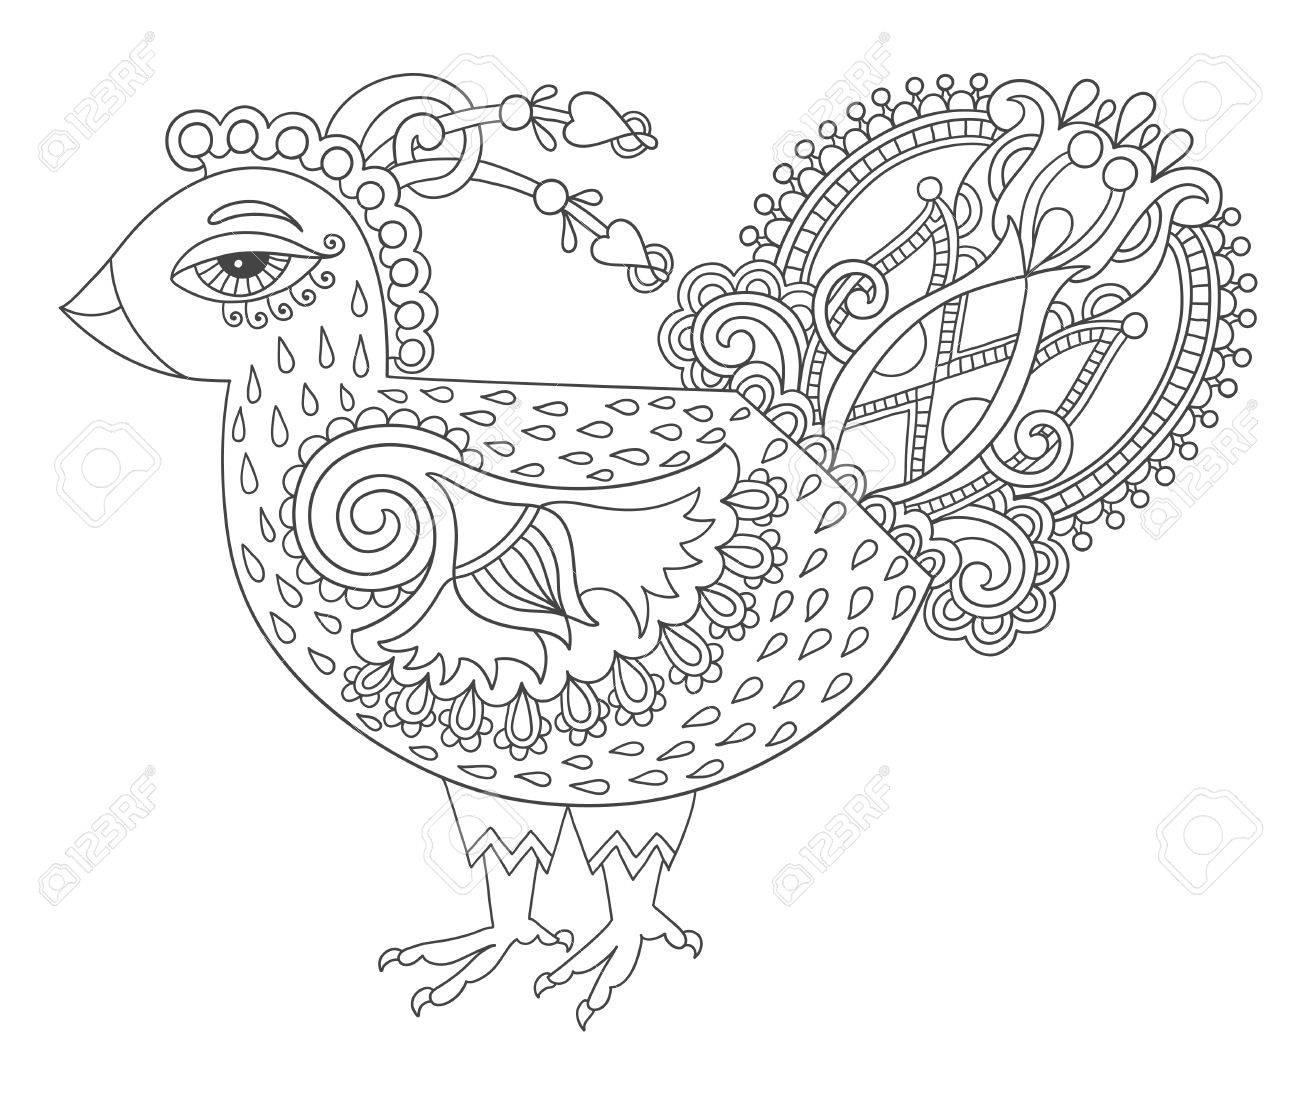 Línea Arte De Dibujo De Gallo Para Colorear Página Del Libro Alegría ...